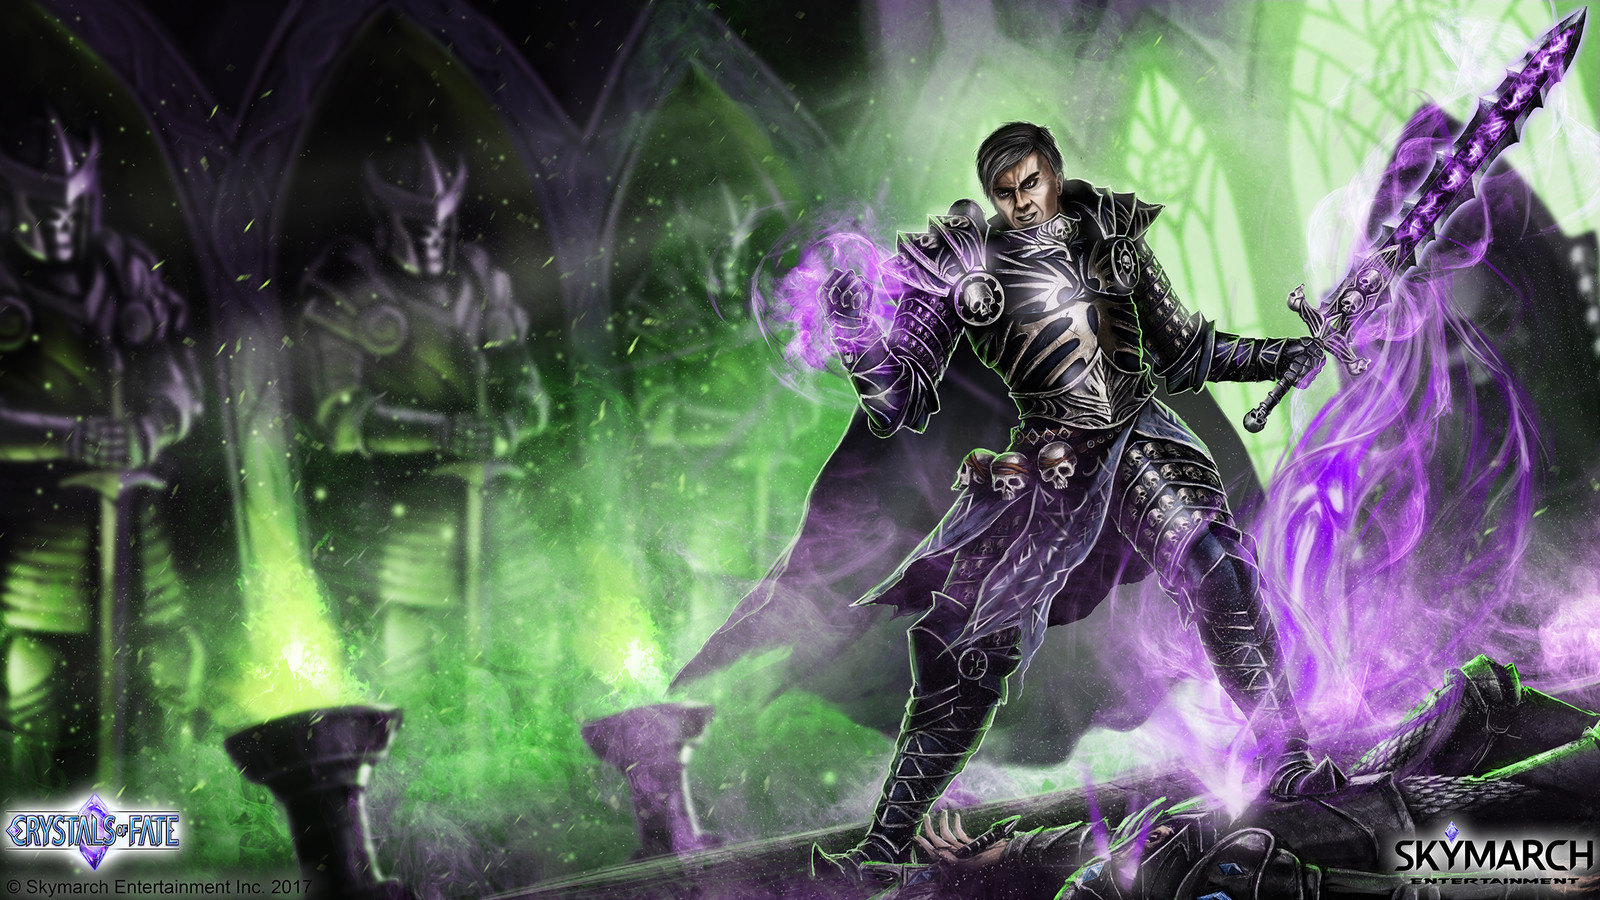 Dark Knight Corvax